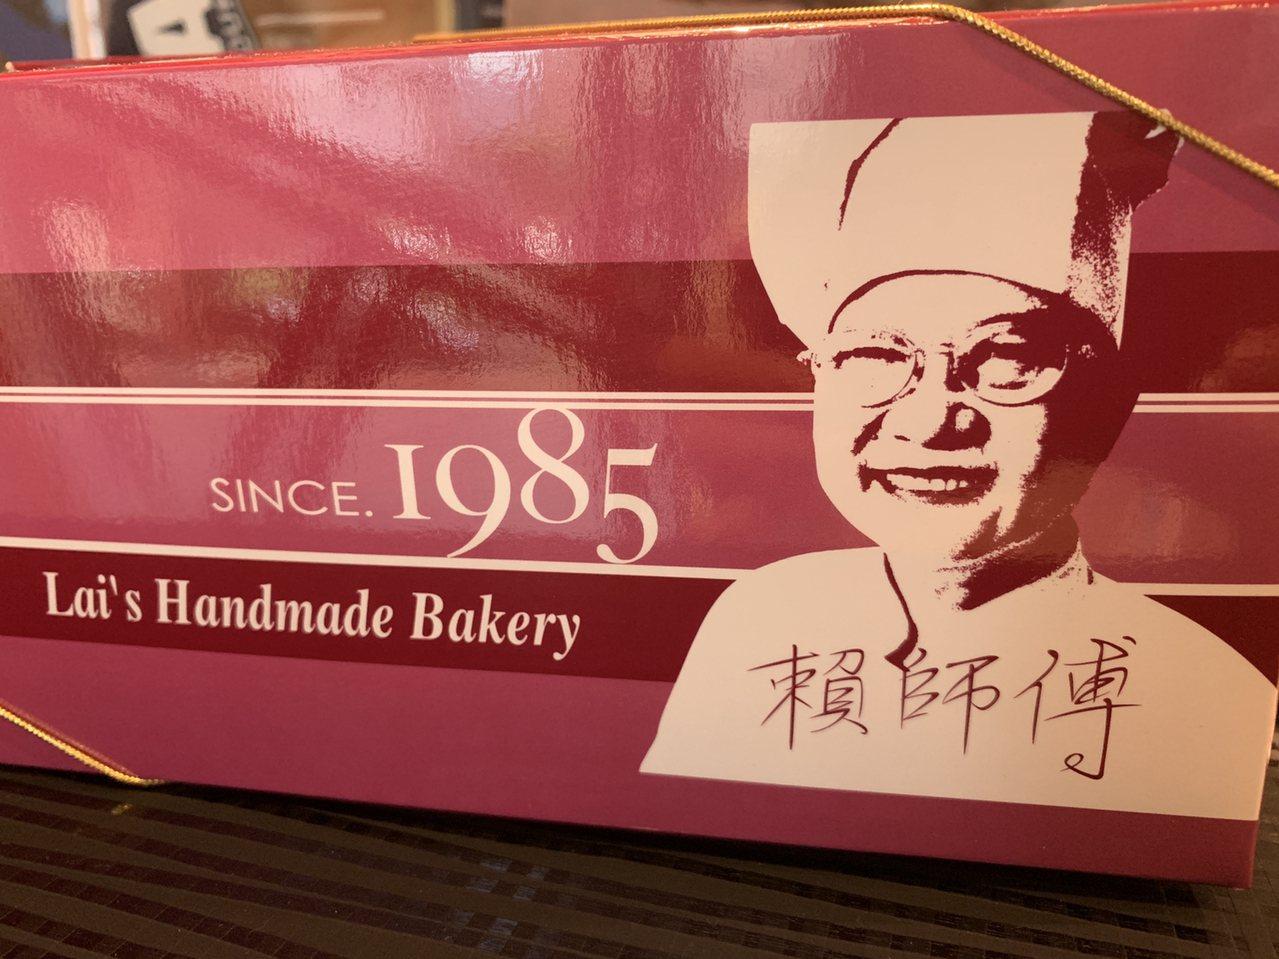 位於新北市中和的「賴師傅手工千層蛋糕」,吃起來像「阿默蛋糕」,不過口感更綿密扎實...